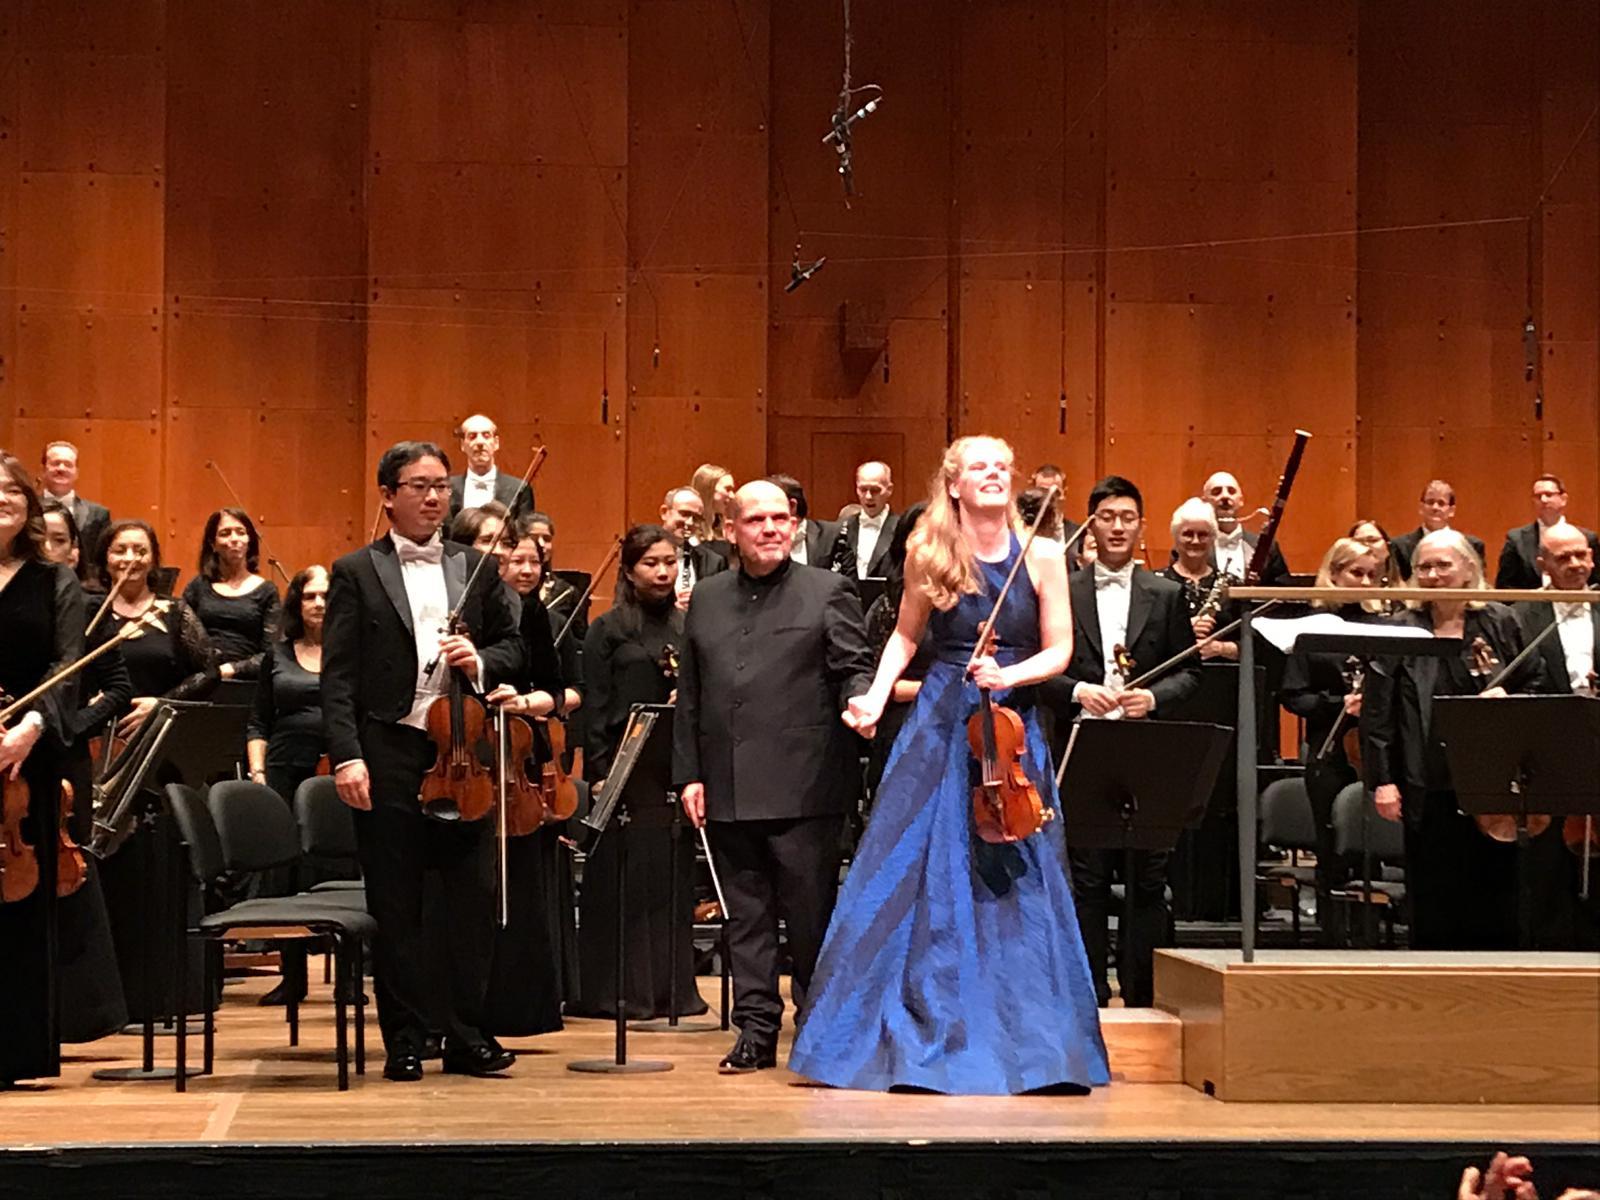 2018 - US, New York Lincoln Center New York Phiharmonic, Jaap van Zweden